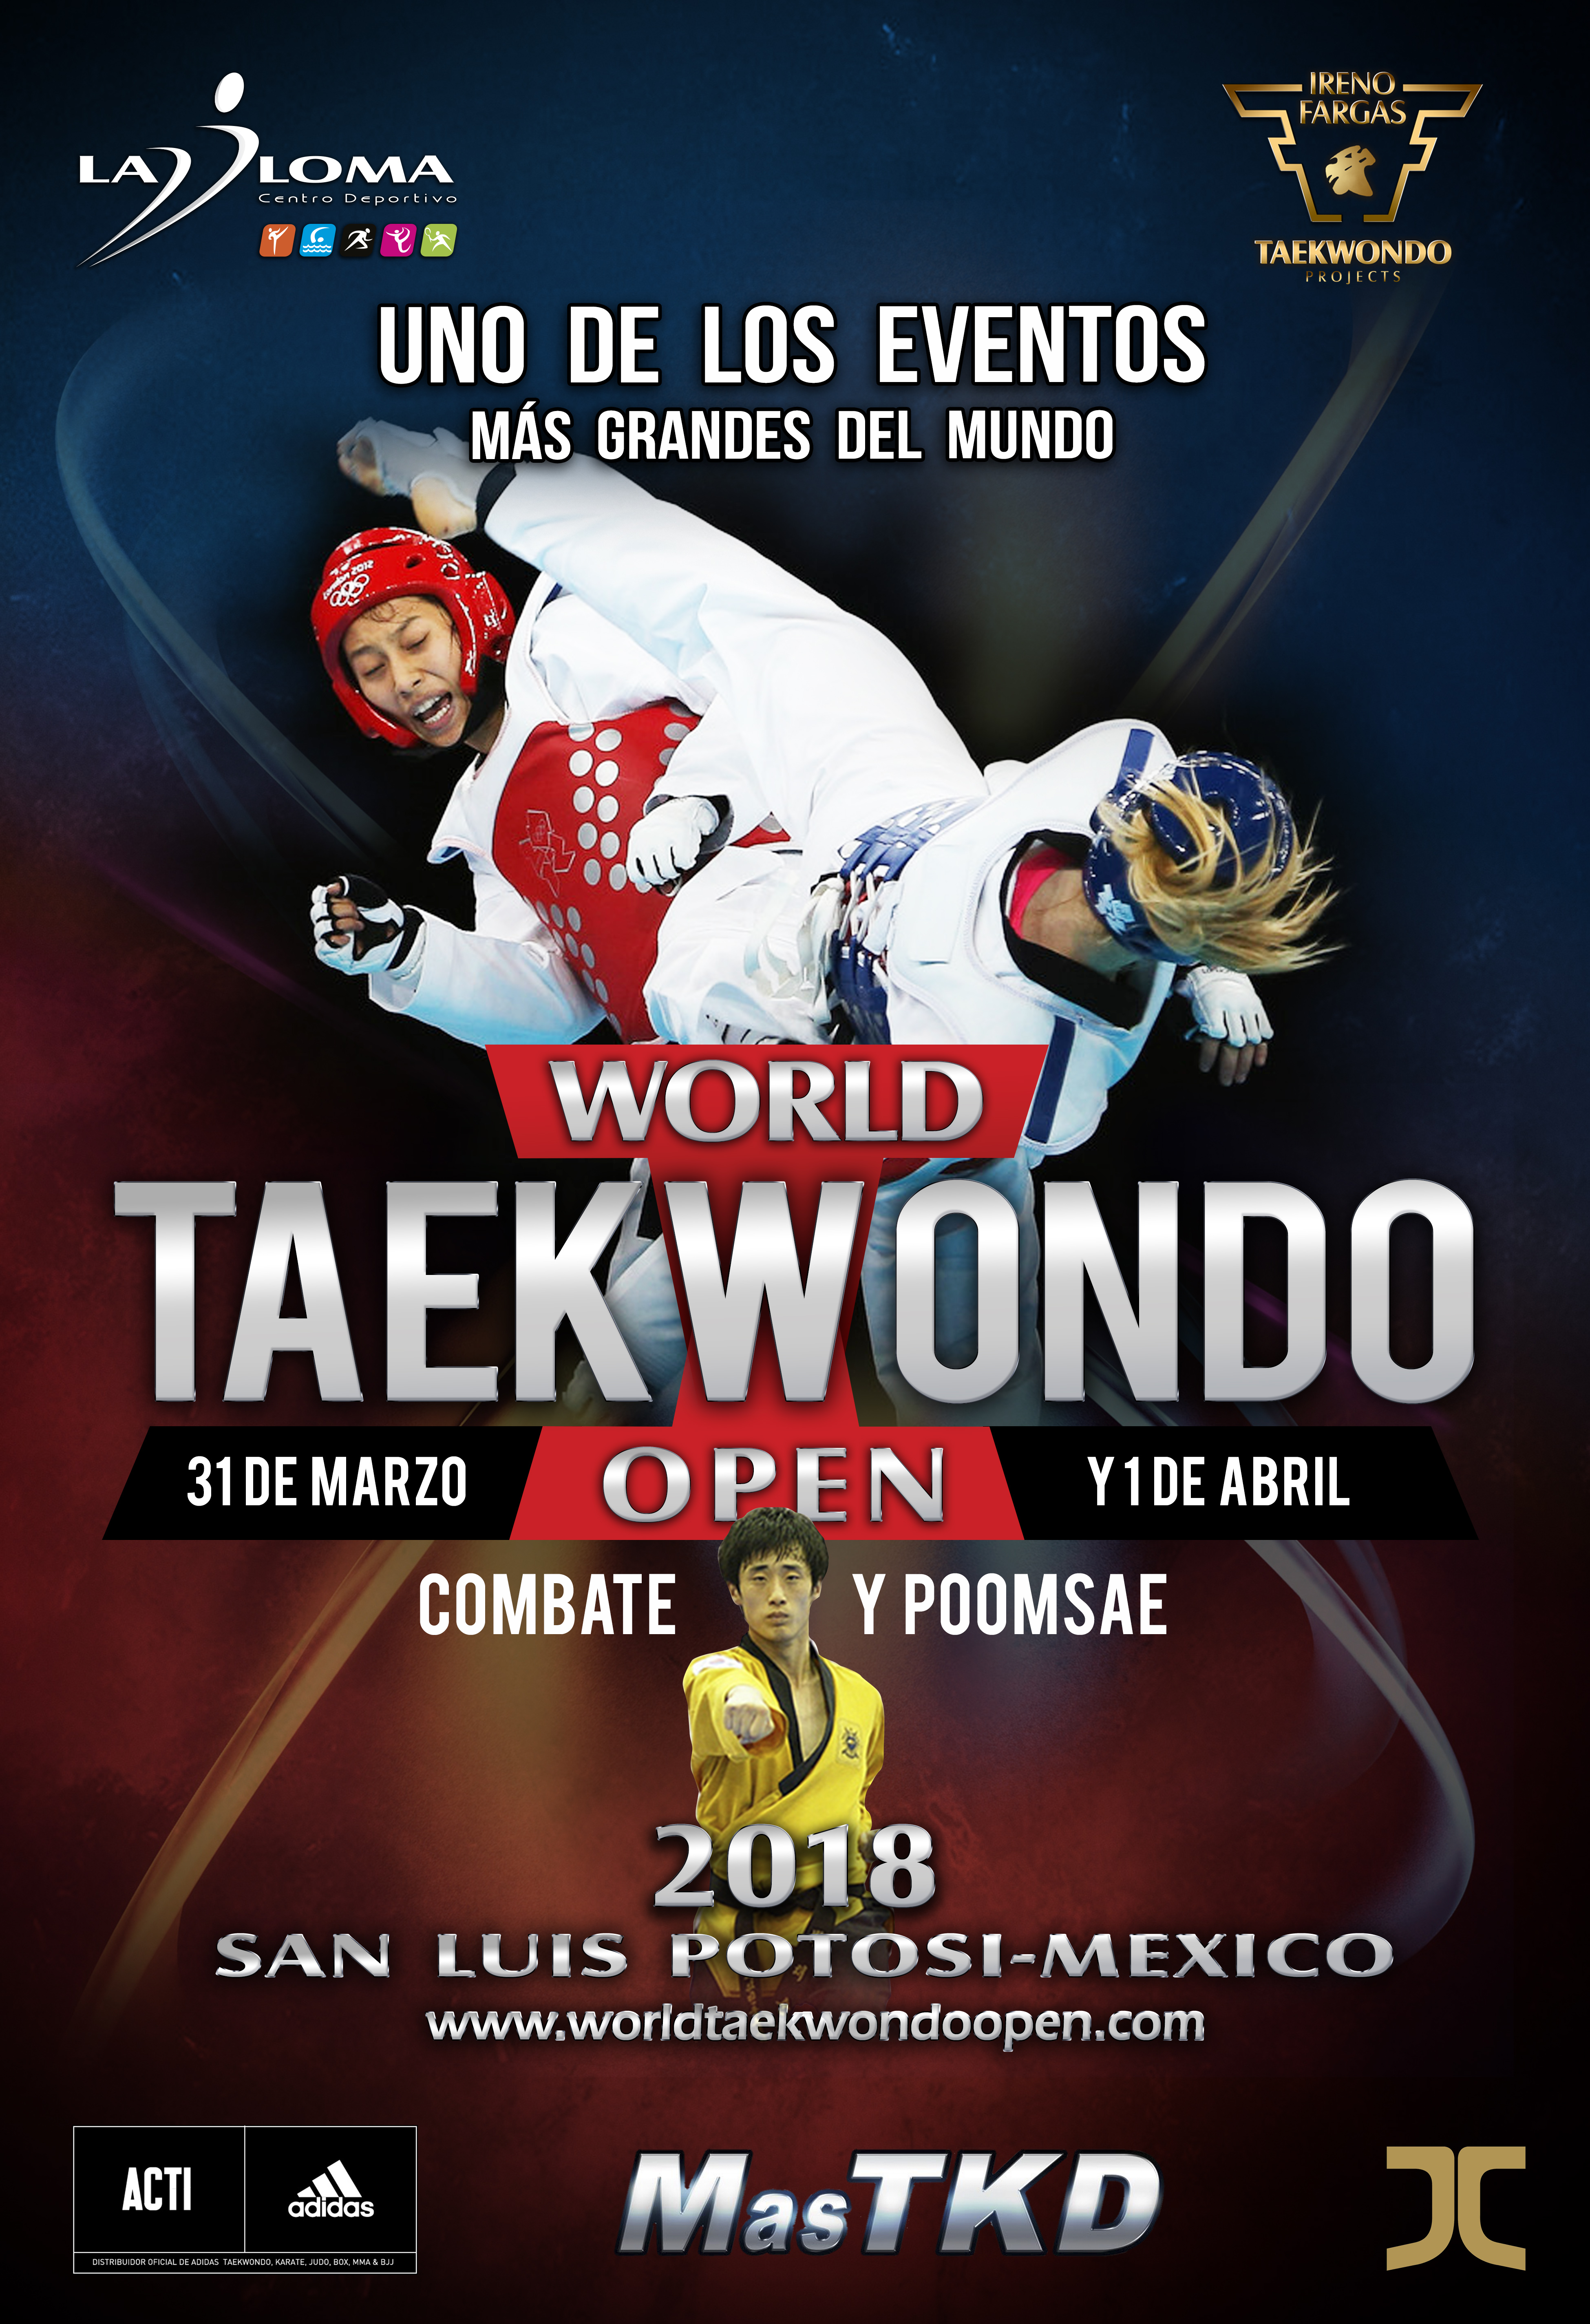 World Training Camp and World Taekwondo Open 2018